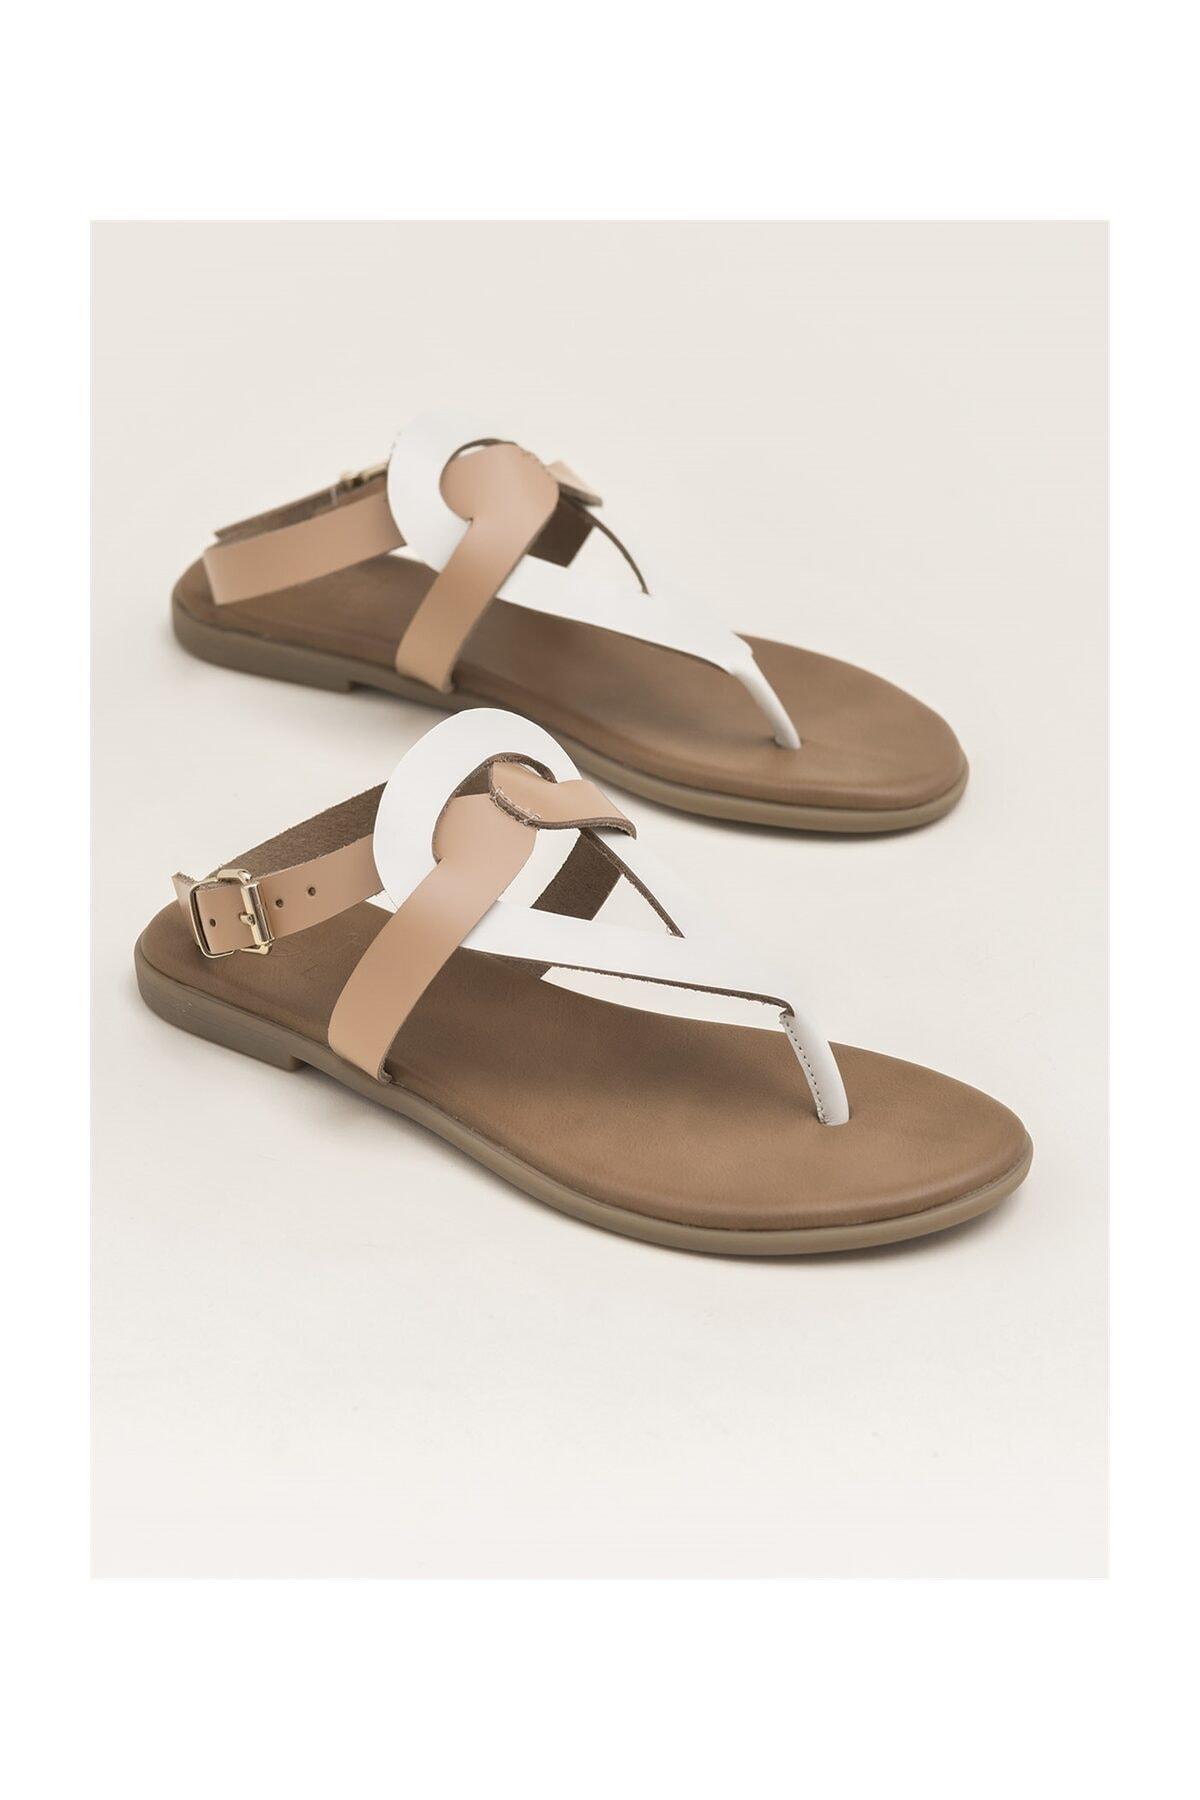 Elle Shoes Ishıta Kadın Sandalet 1